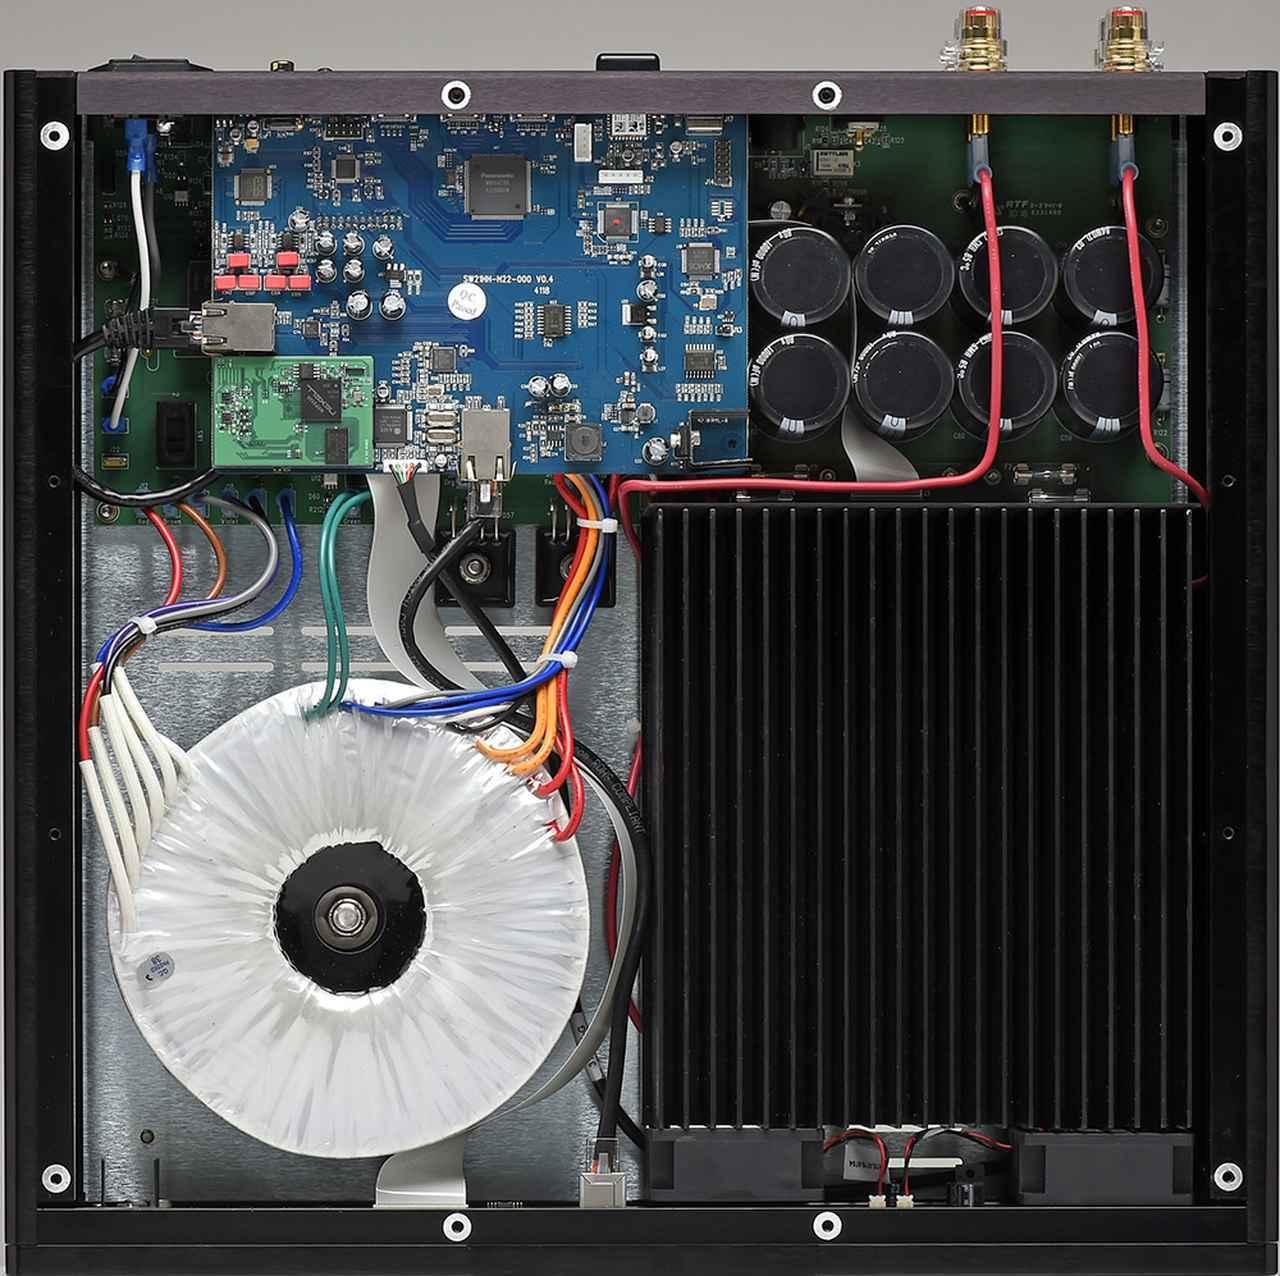 画像: 電源回路は、電力容量771VAの大型トロイダルコアトランスと総容量80,000μFの電解コンデンサーで構成。トランス横の大型のヒートシンクは、一定温度を超えるとフロントパネル側に設けた小型ファンで冷却を行なう。電力増幅回路はAクラスのアンバランス回路構成だ